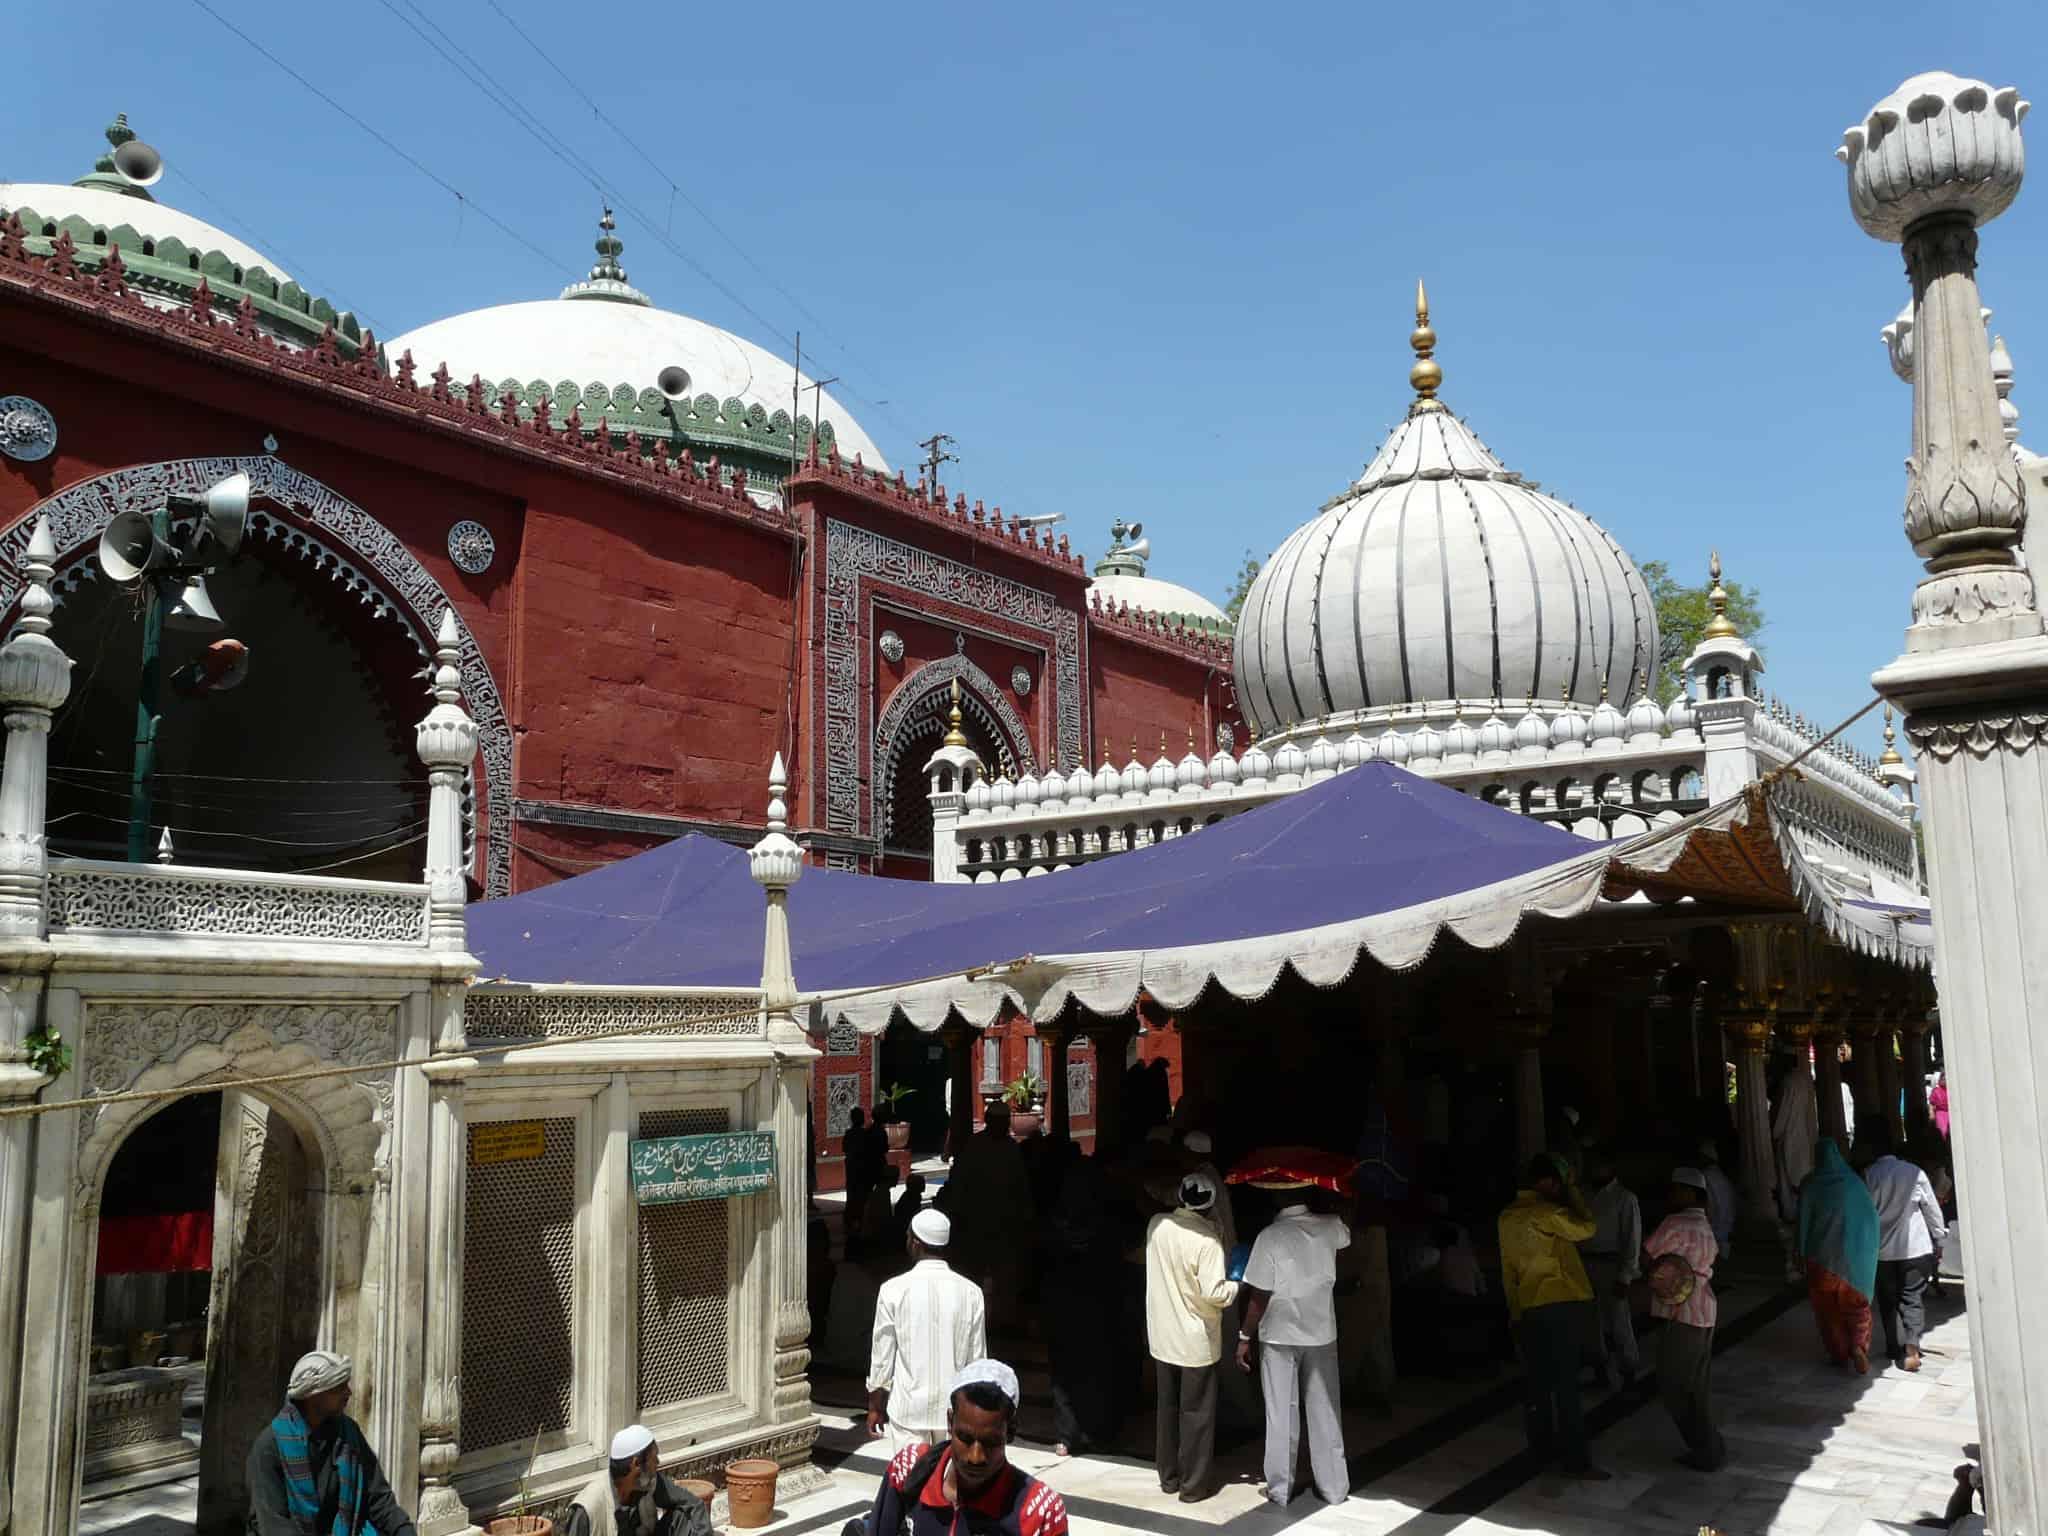 Dargah of Nizamuddin Auliya - New Delhi, India